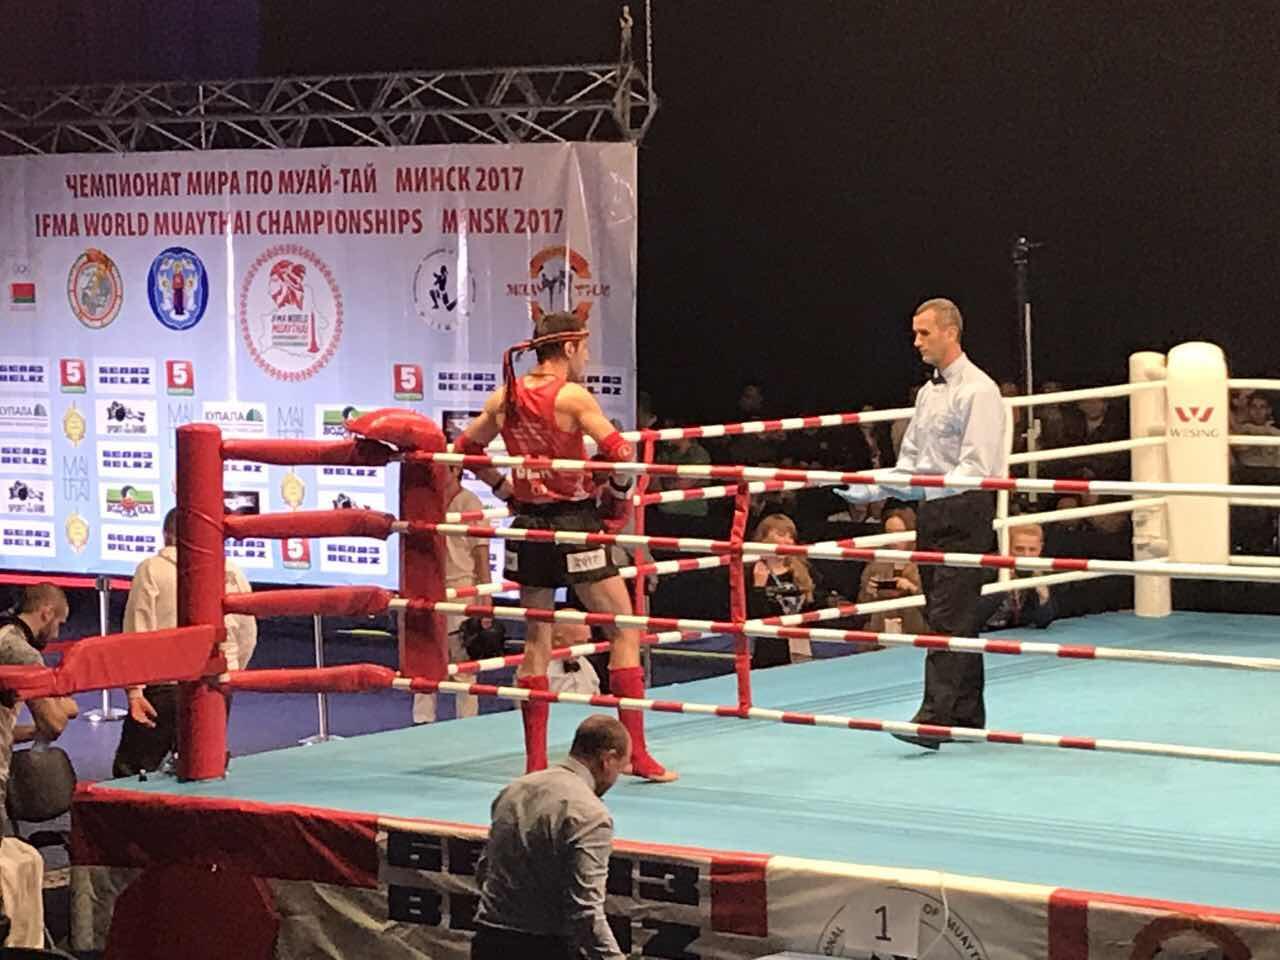 С великолепным результатом в 26 золотых медалей огромная сборная россии финишировала на первенстве мира по тайскому боксу, уступив только хозяевам сборной таиланда, которая стала лидером общекомандного зачета.